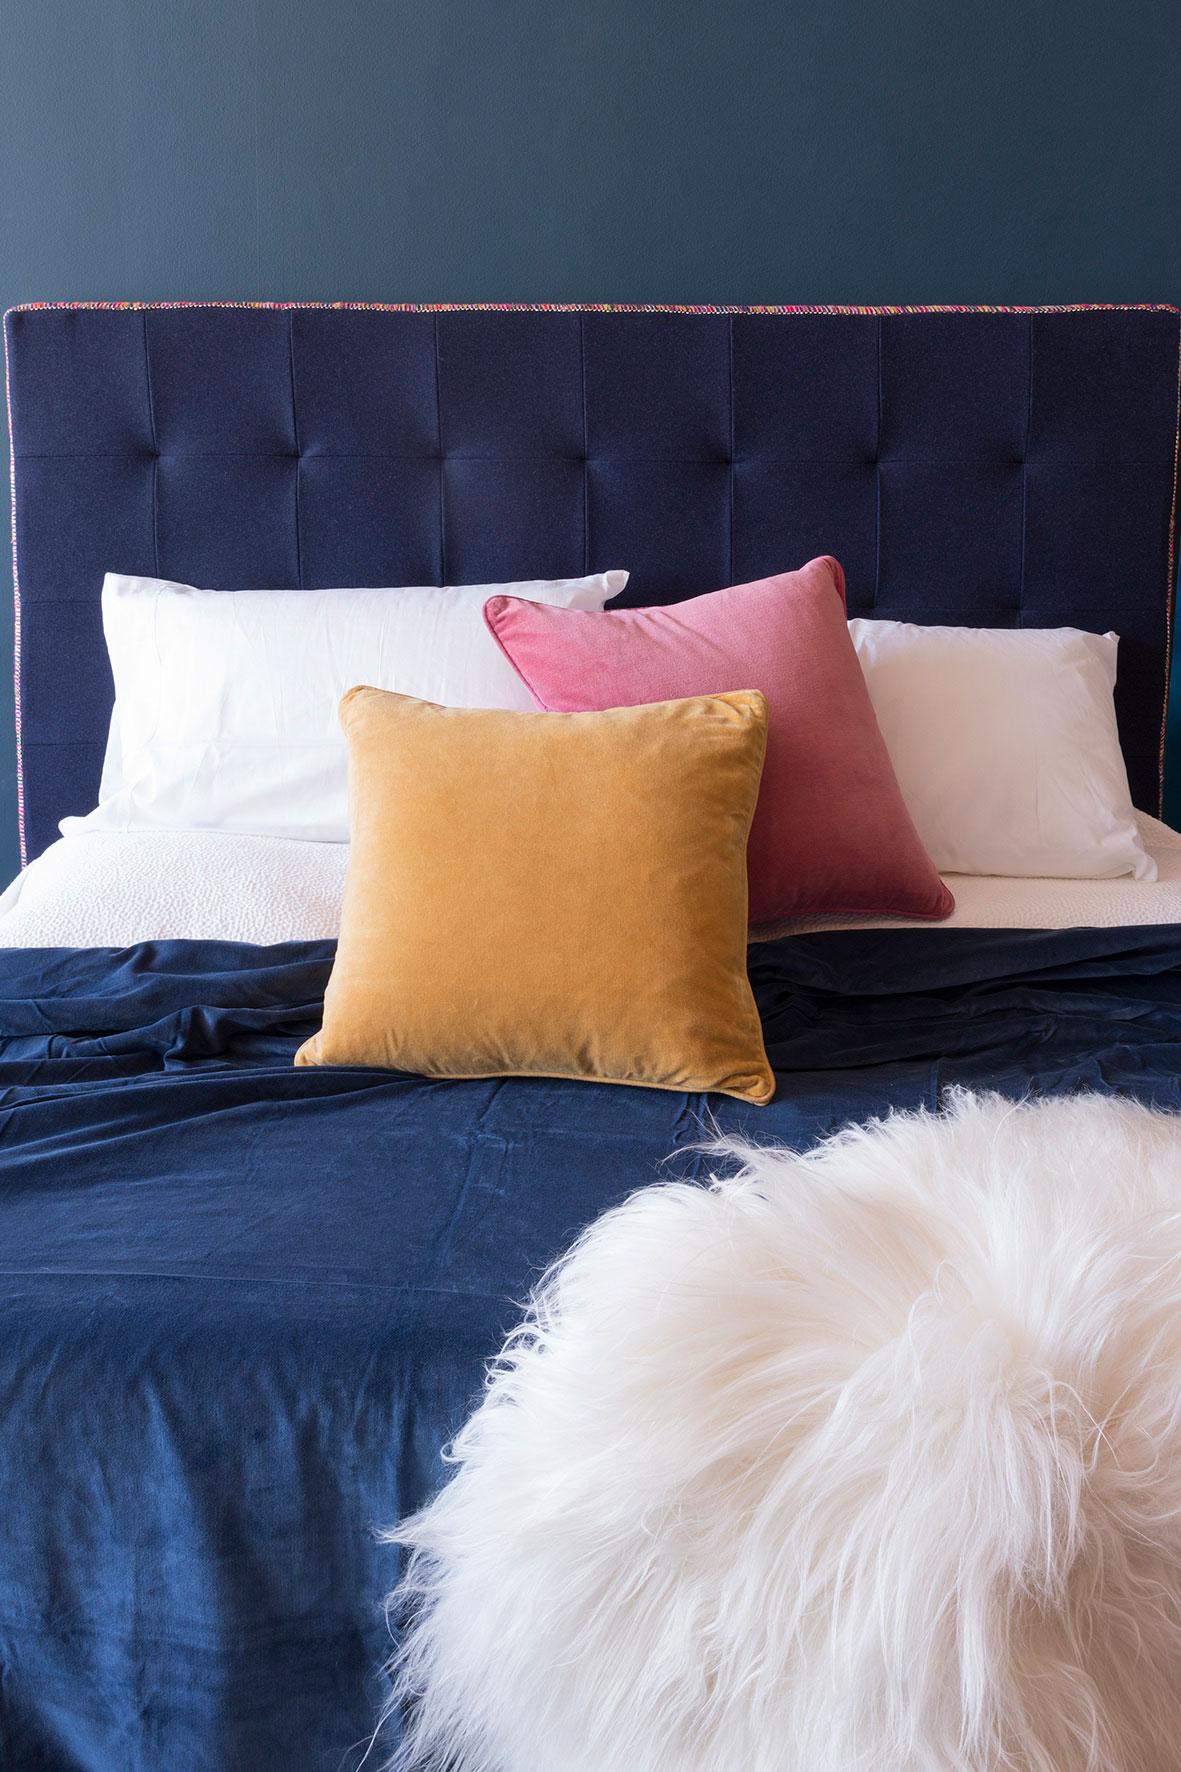 Photographie publicitaire d'un lit avec parure de lit et oreillers colorés.